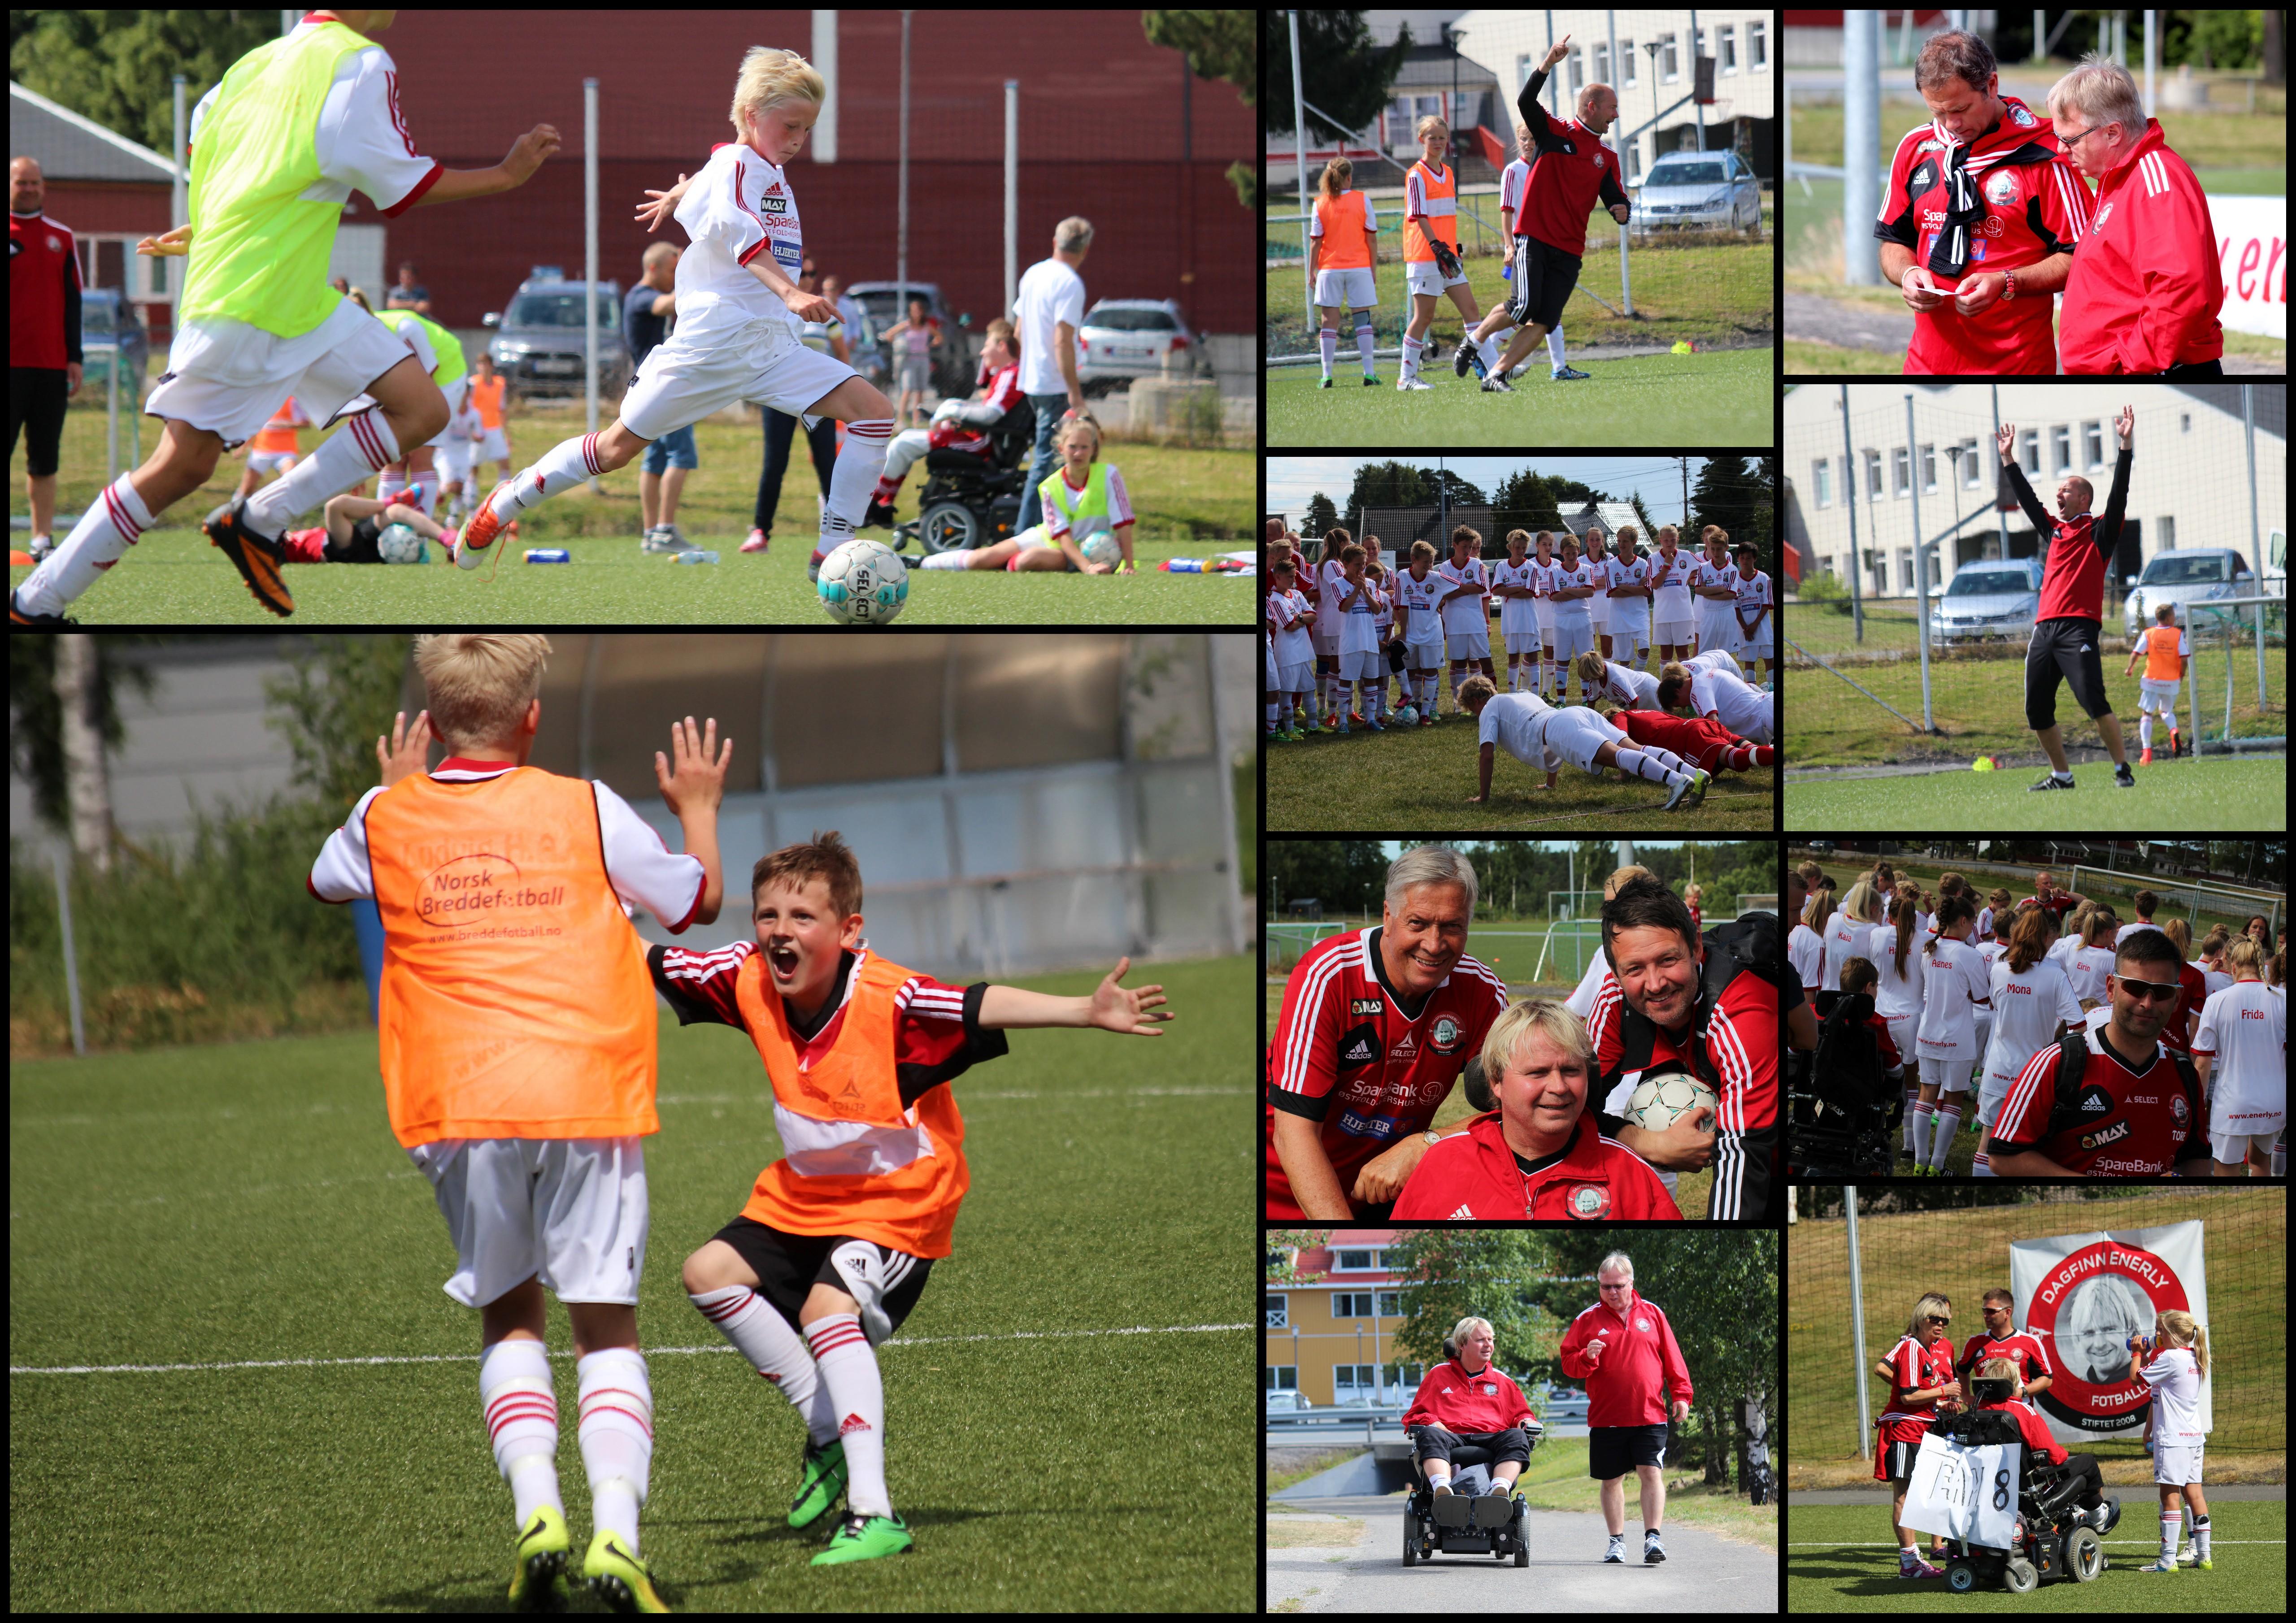 Dagfinn-Enerly-Fotballcamp-20141